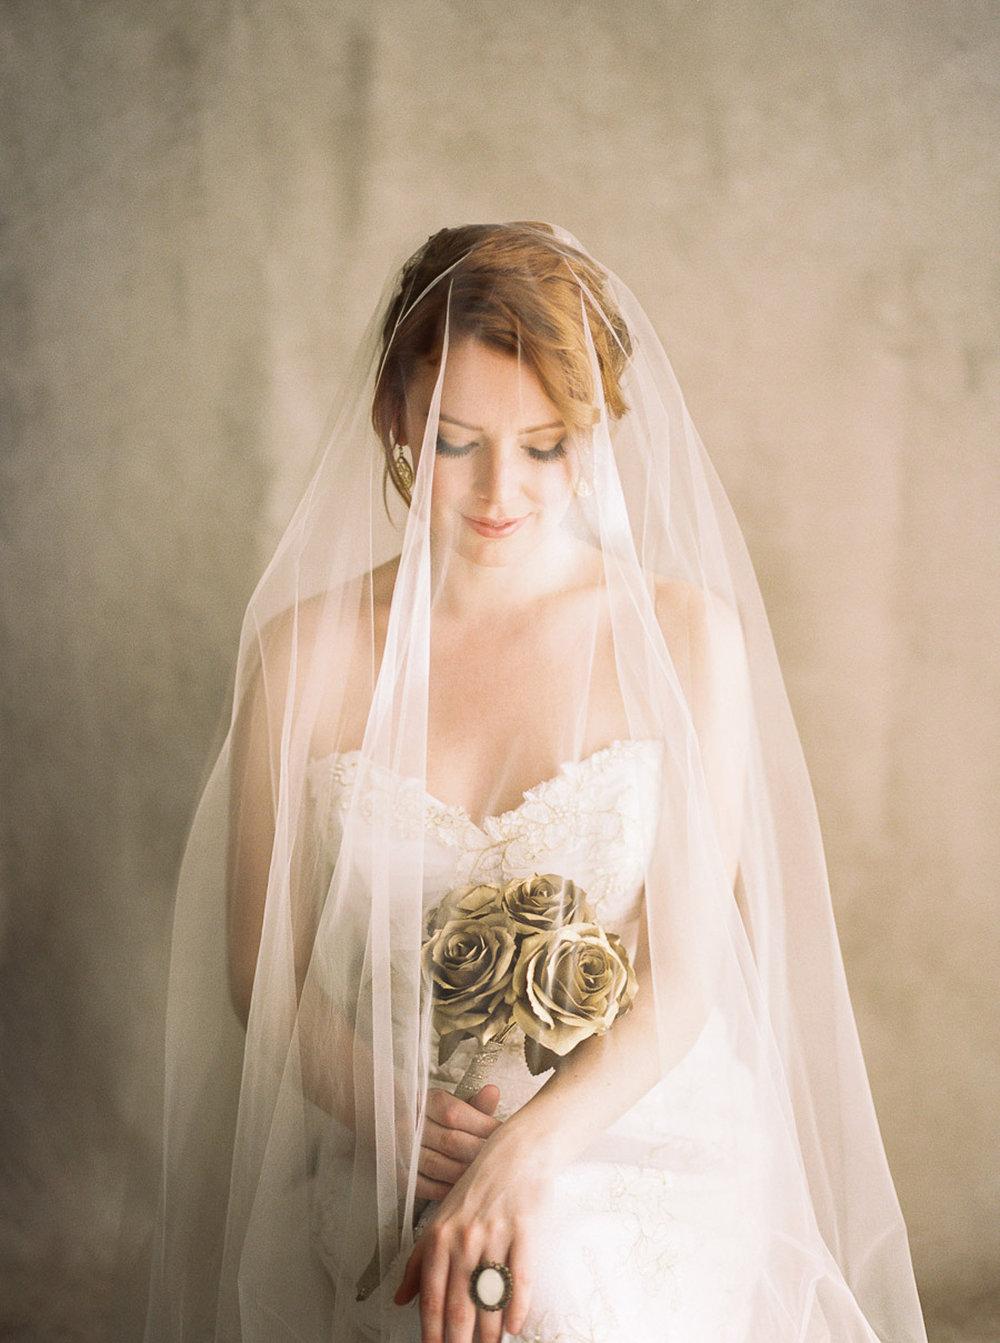 Lara_Lam_Vintage_Heirloom_wedding_photographer_Etablir_shop_vintage_rental45.jpg